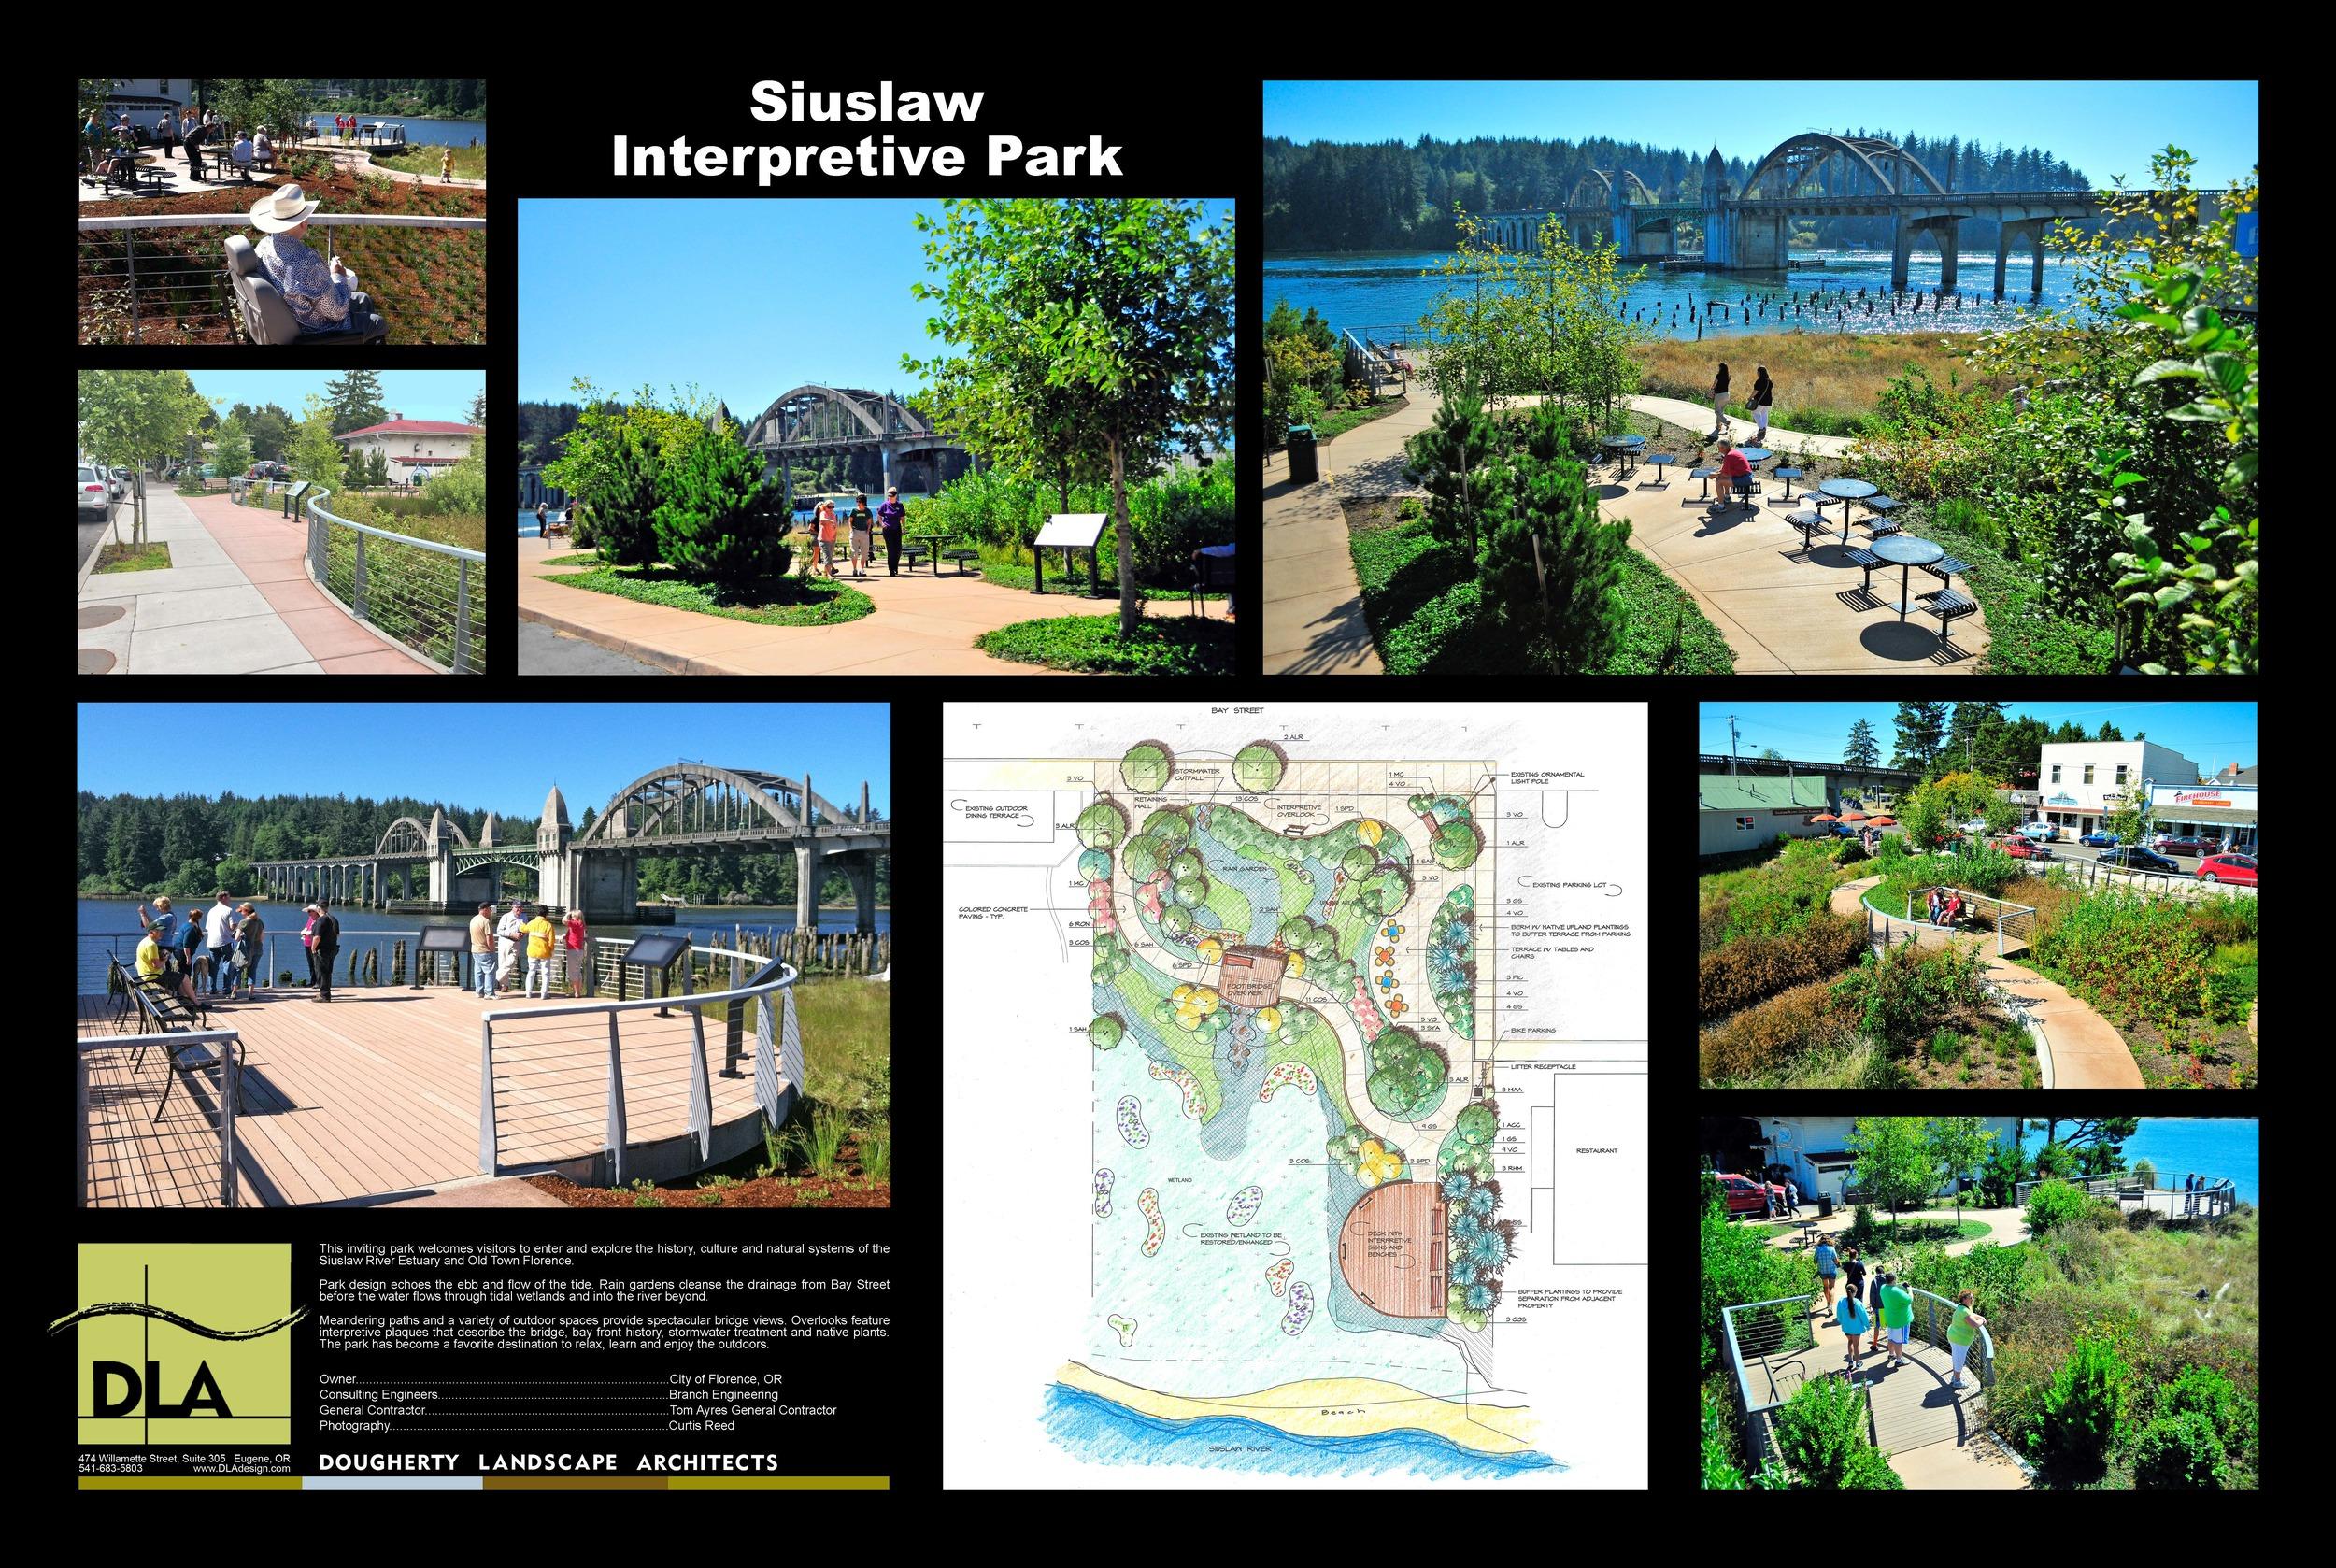 DLA-Siuslaw Interpretive Park-Board.jpg